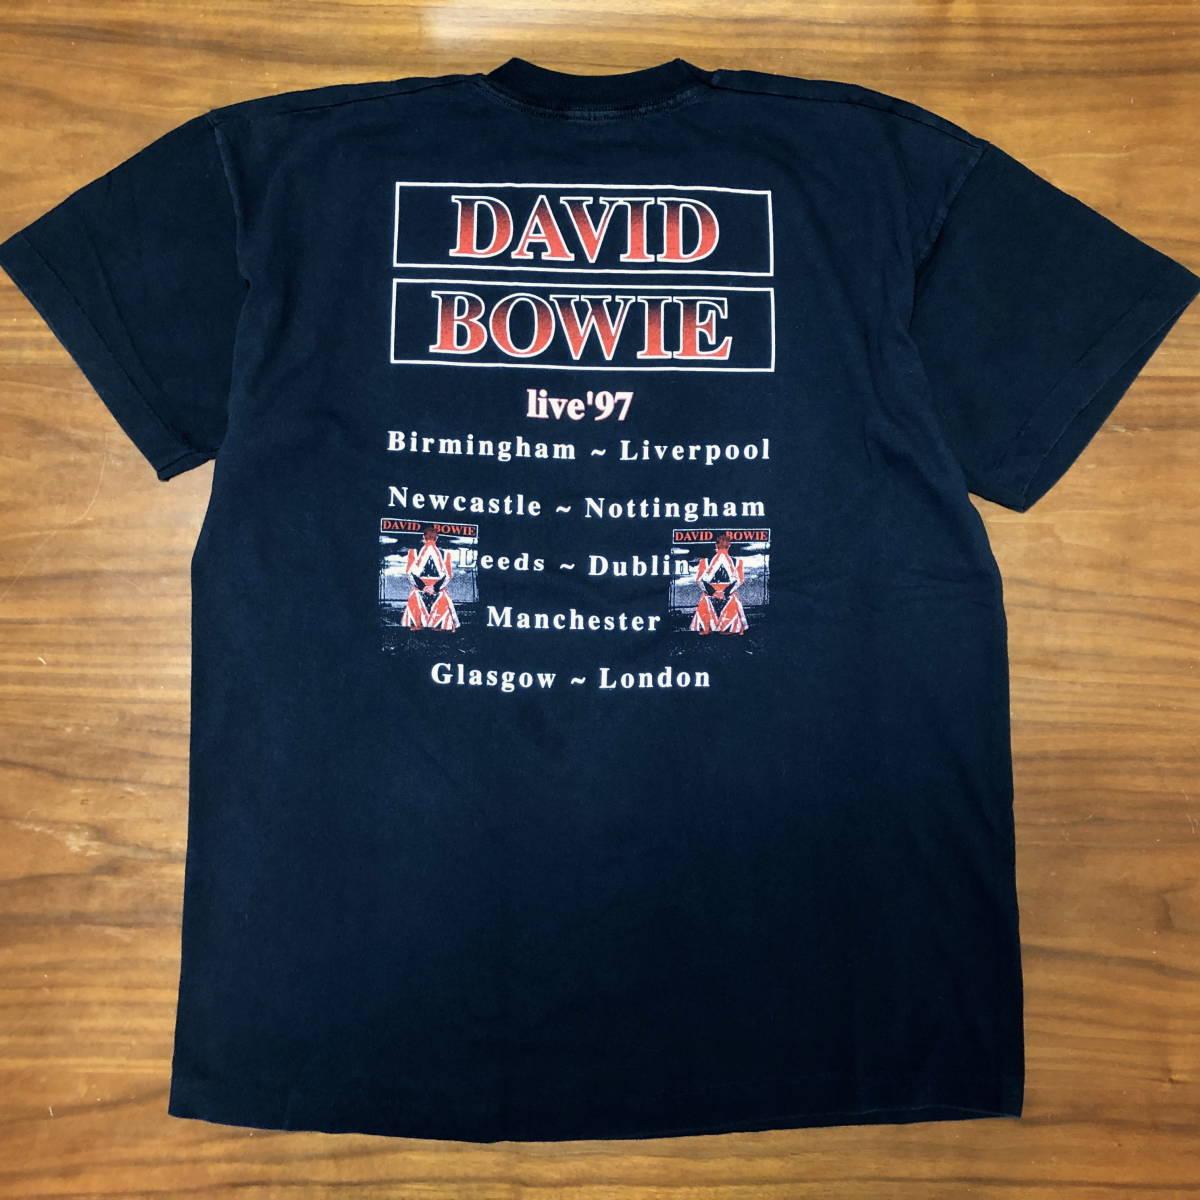 90s ビンテージ DAVID BOWIE ツアー Tシャツ XLサイズ 90年代 ヴィンテージ ボウイ バンドT NIRVANA METALLICA OASIS BLUR SONICYOUTH_画像2